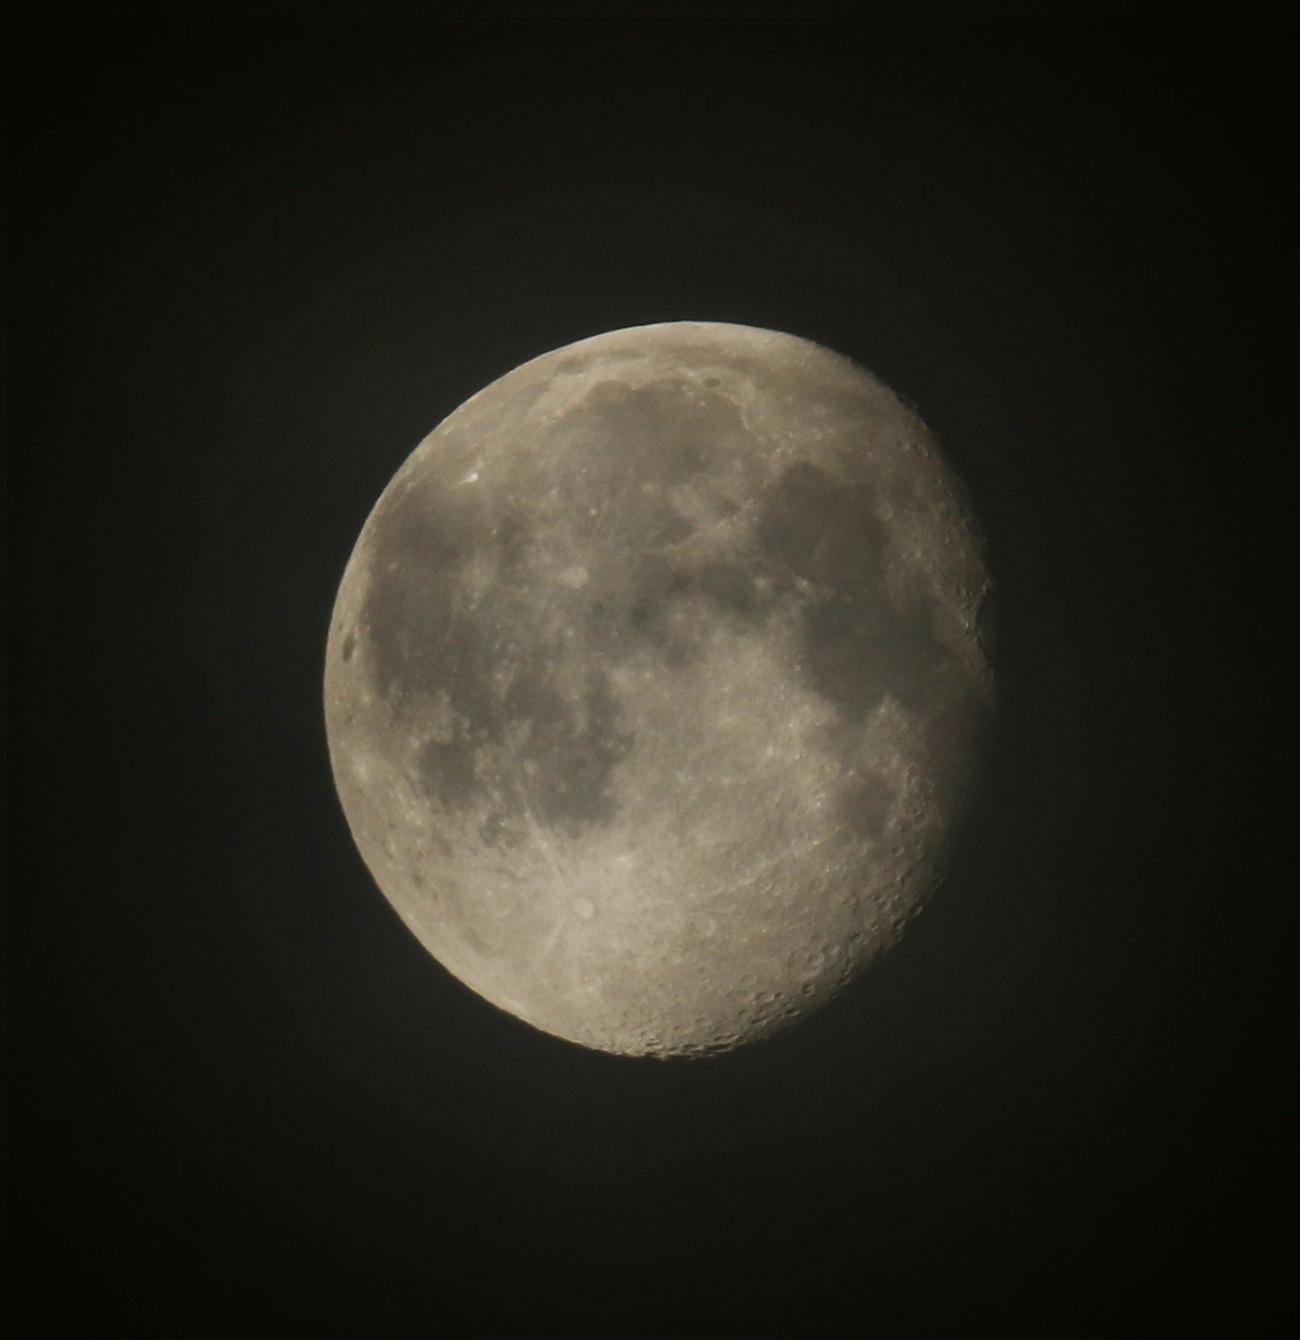 la lune, au matin du 03/05/2018 42416.JPG)